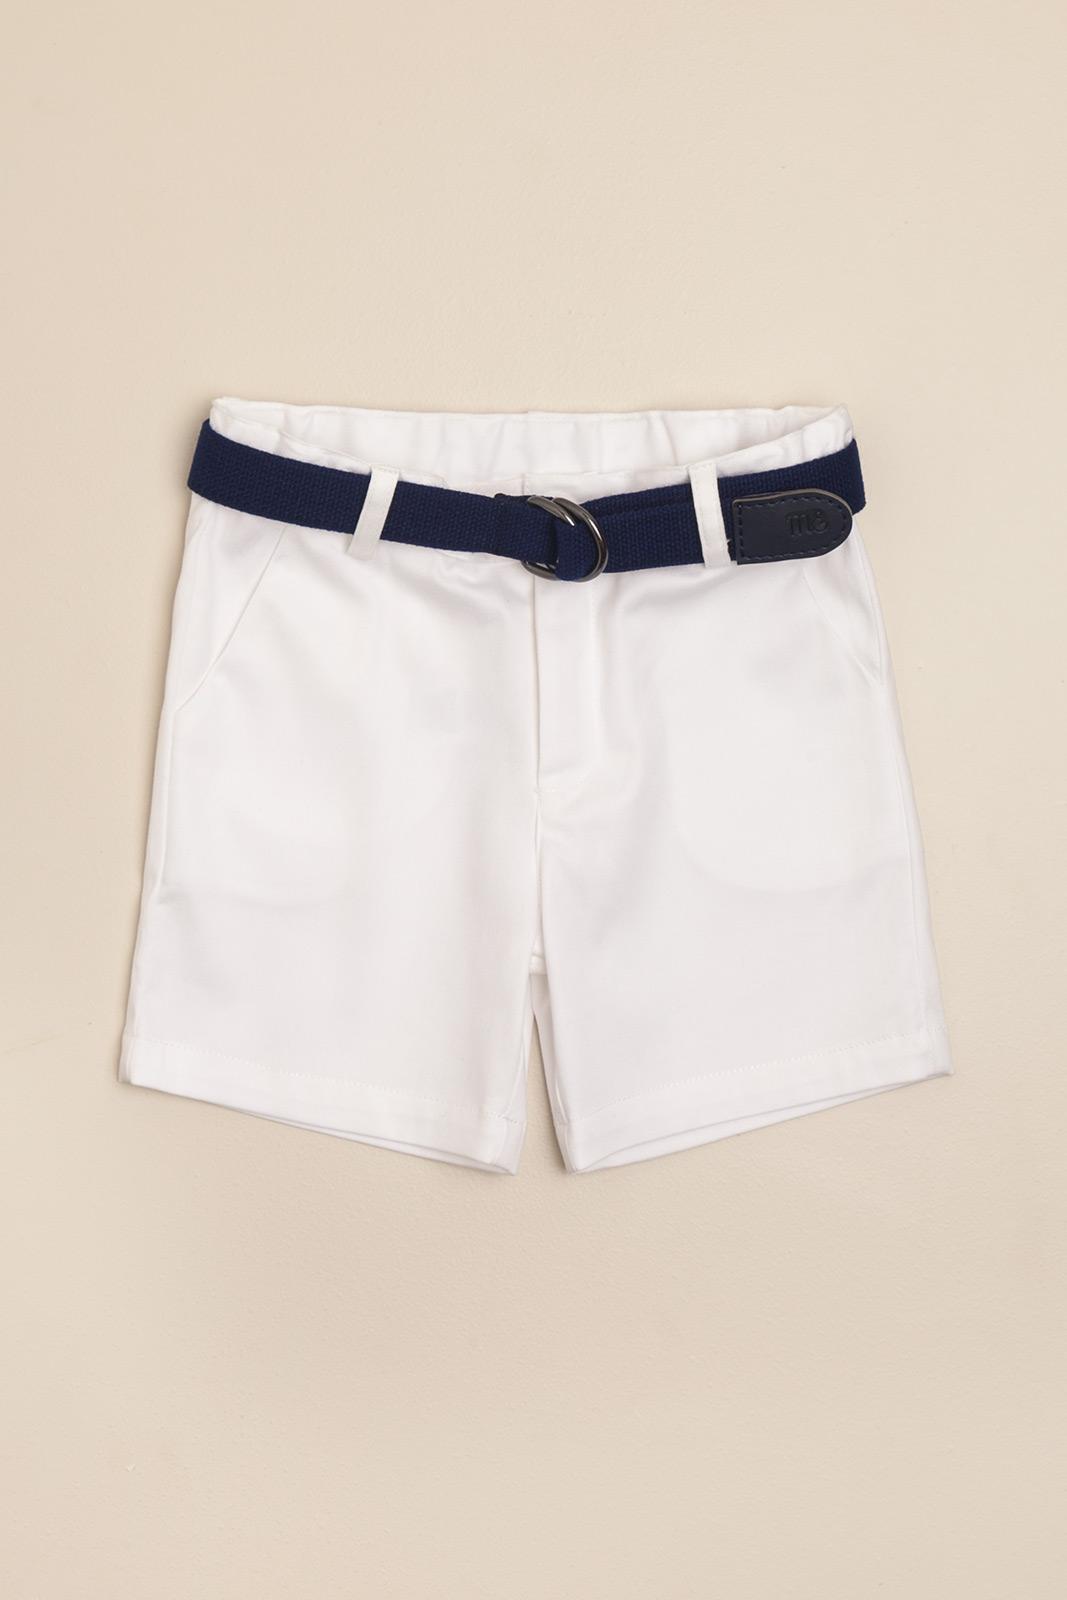 Bermuda blanca con cinturon